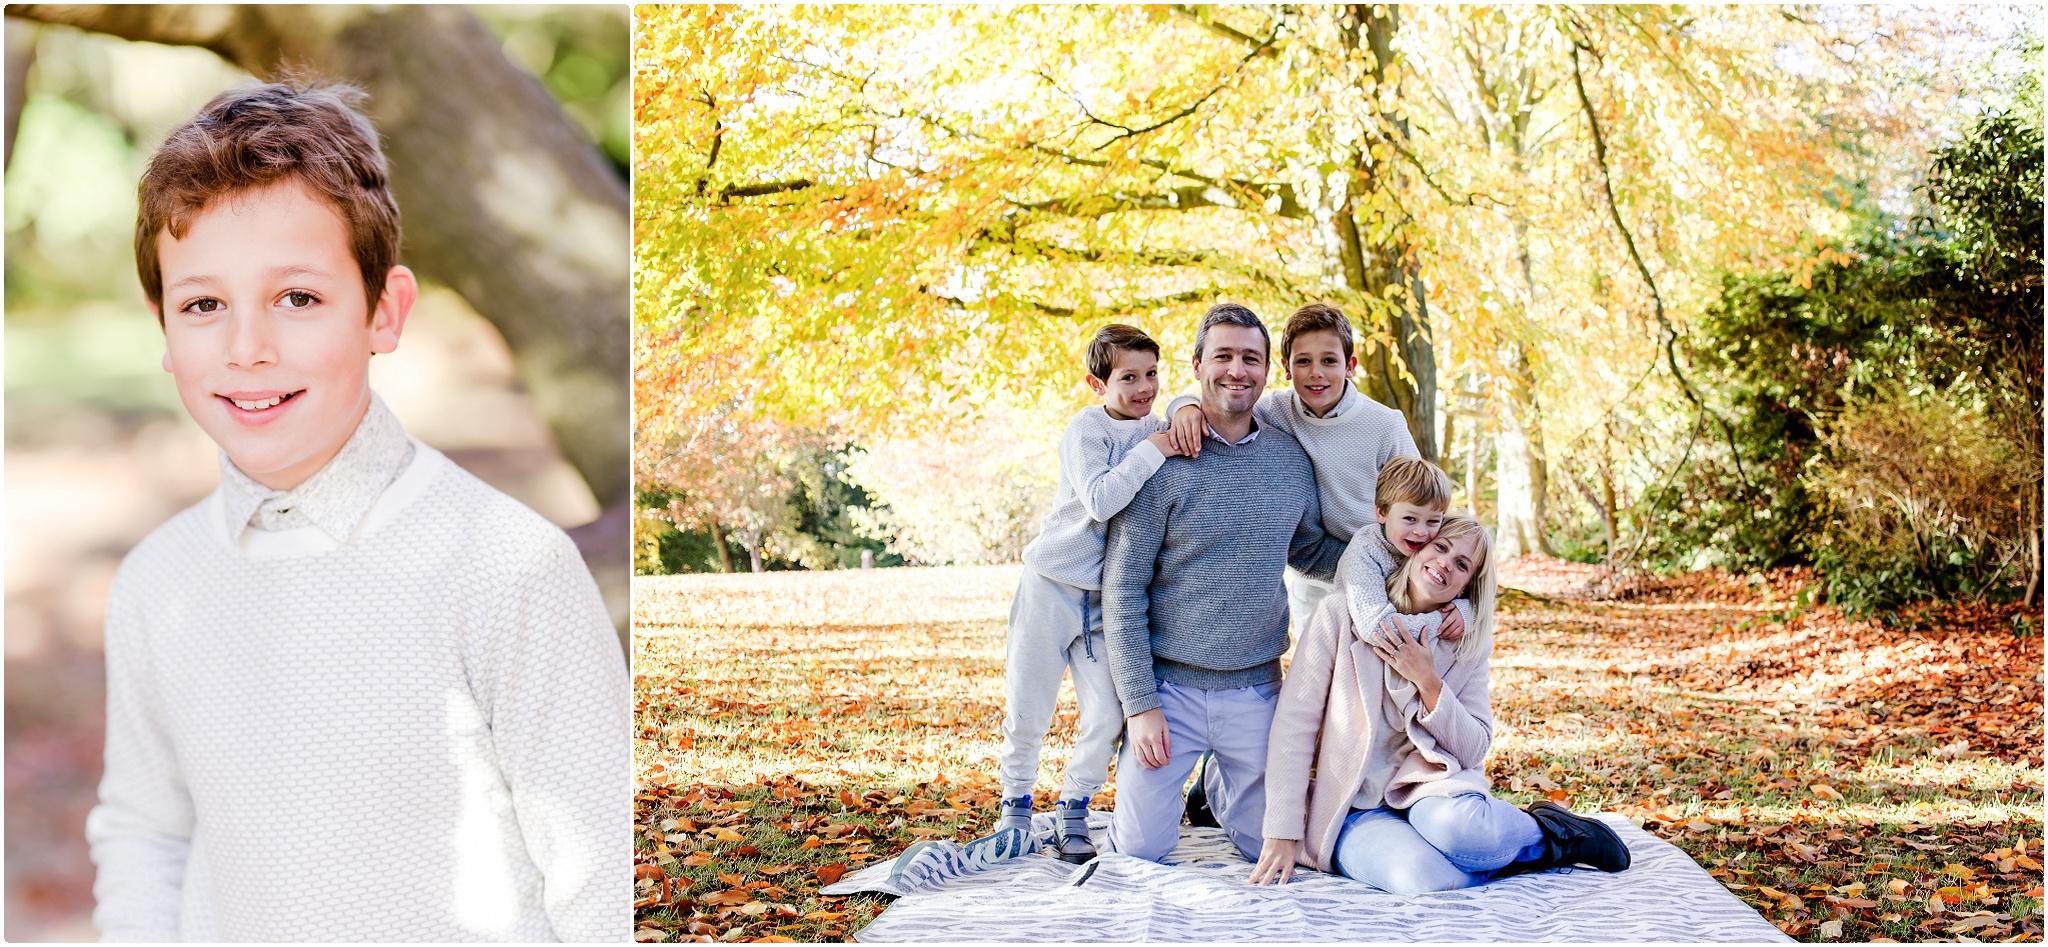 Autumn Family Photographs Wimbledon